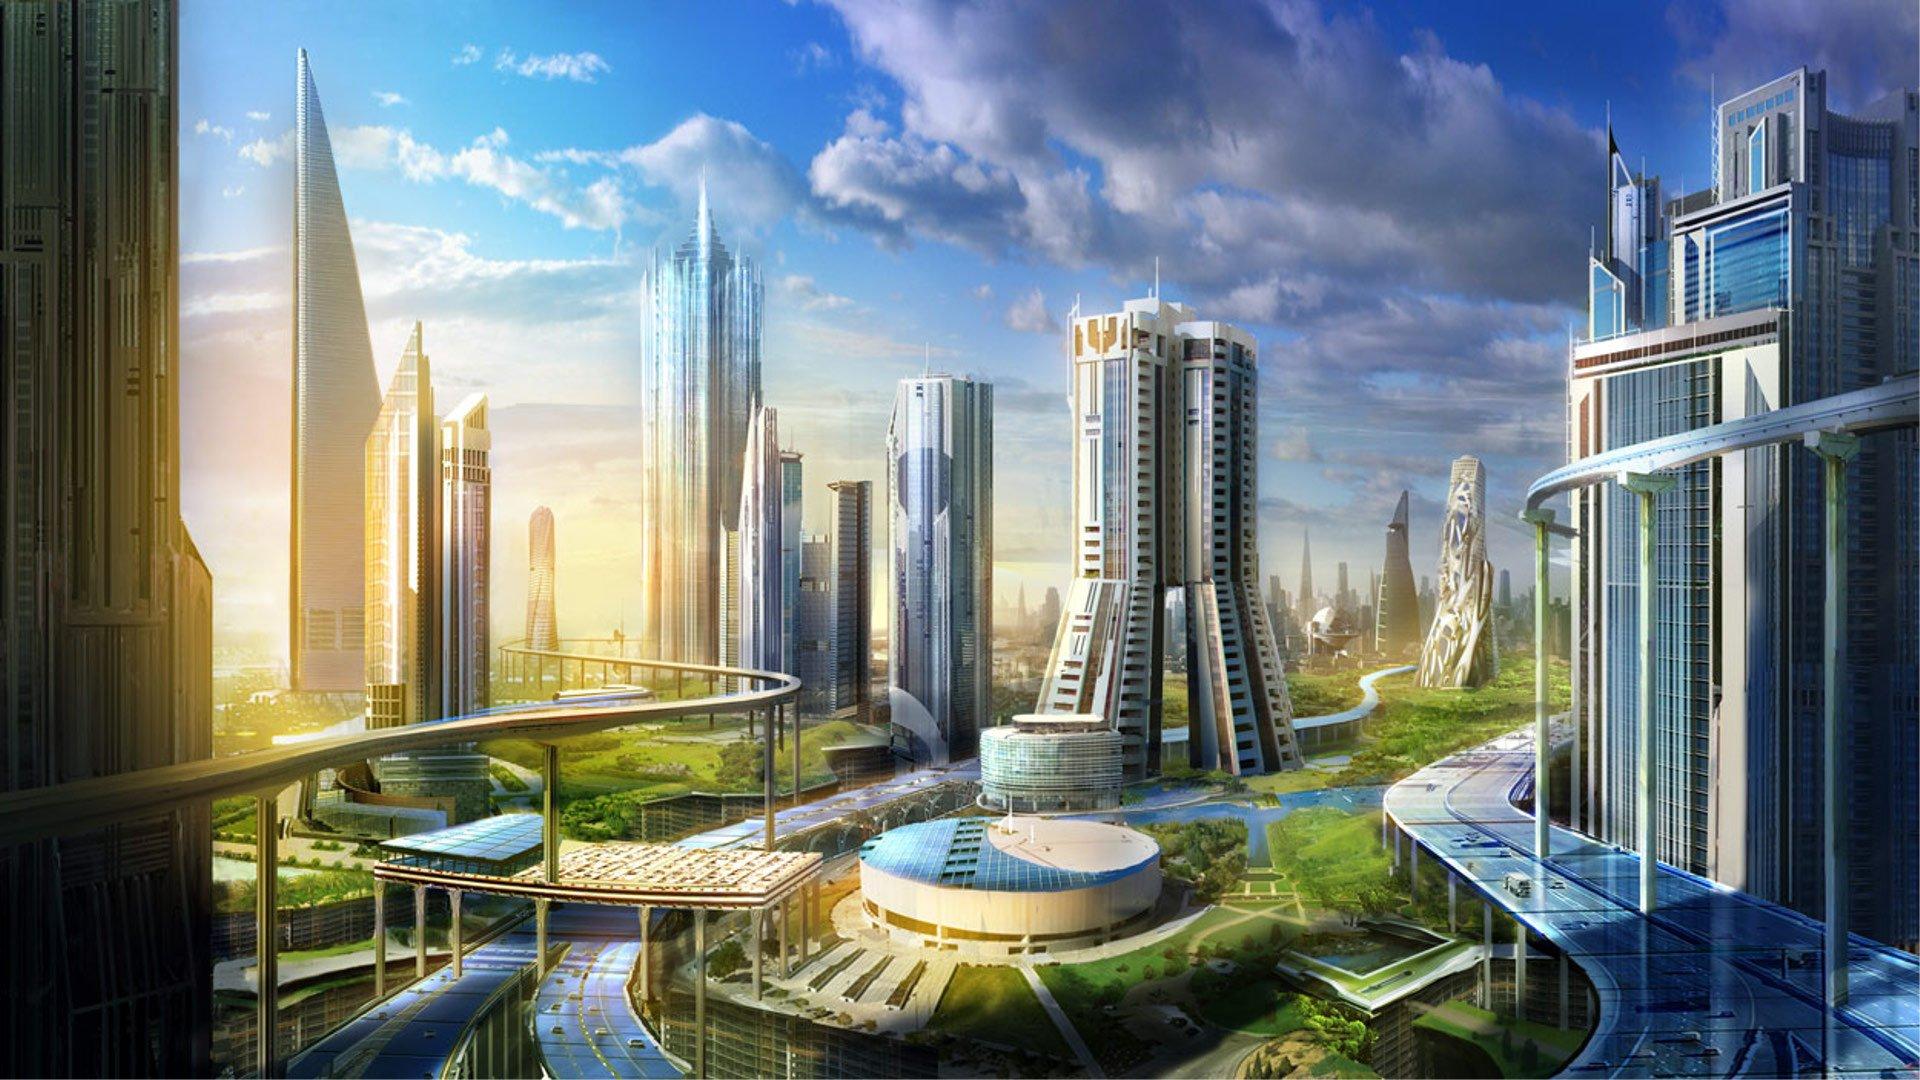 Səudiyyə Ərəbistan insanlardan çox robotların yaşayacağı futuristik şəhəri tikmək üçün 500 milyard dollar vəsait ayıracaq